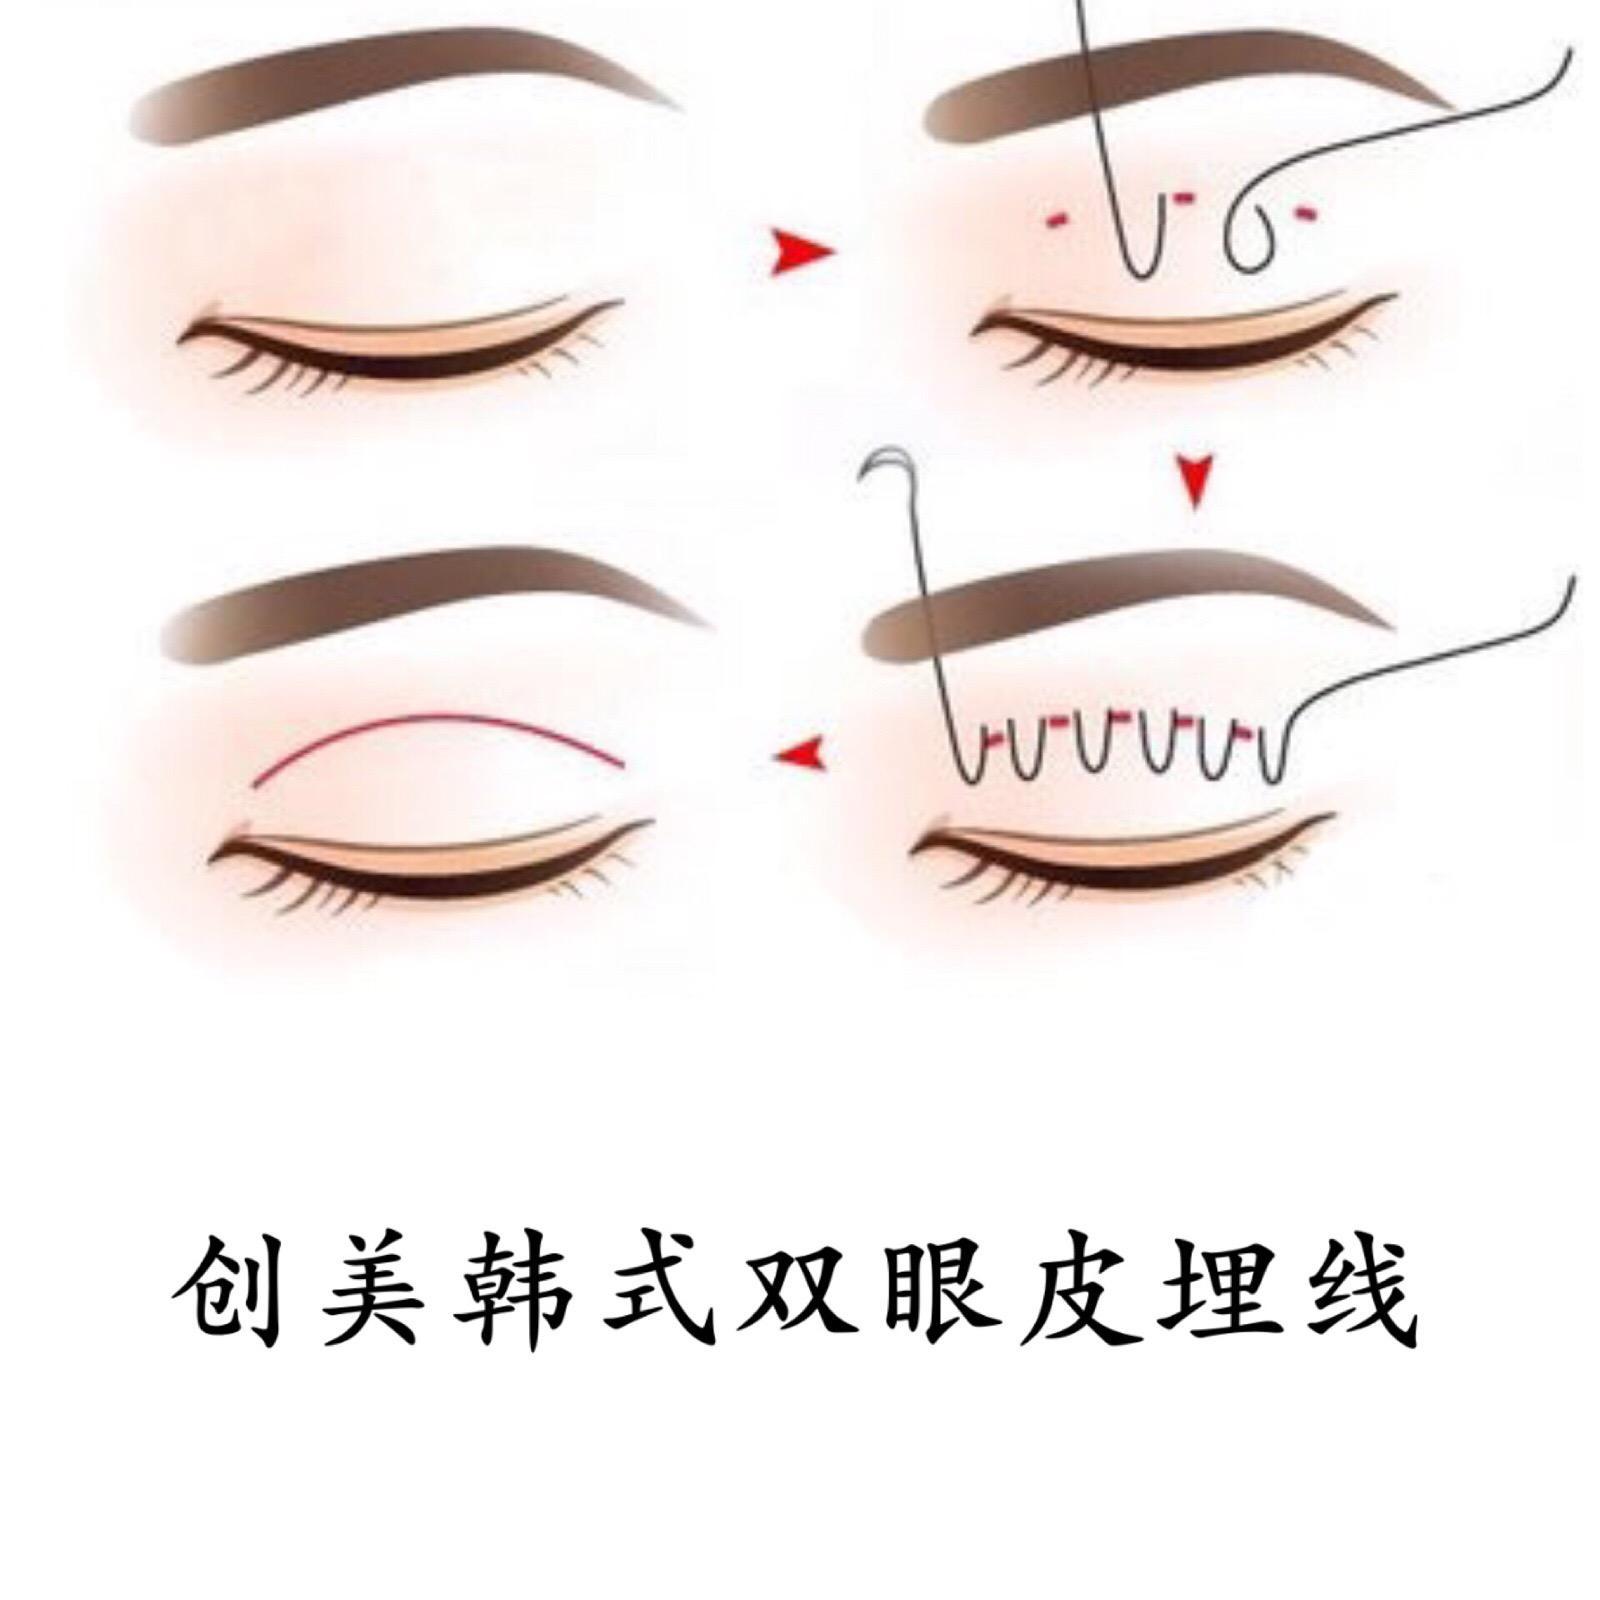 上海眼部埋线美莱怎么样